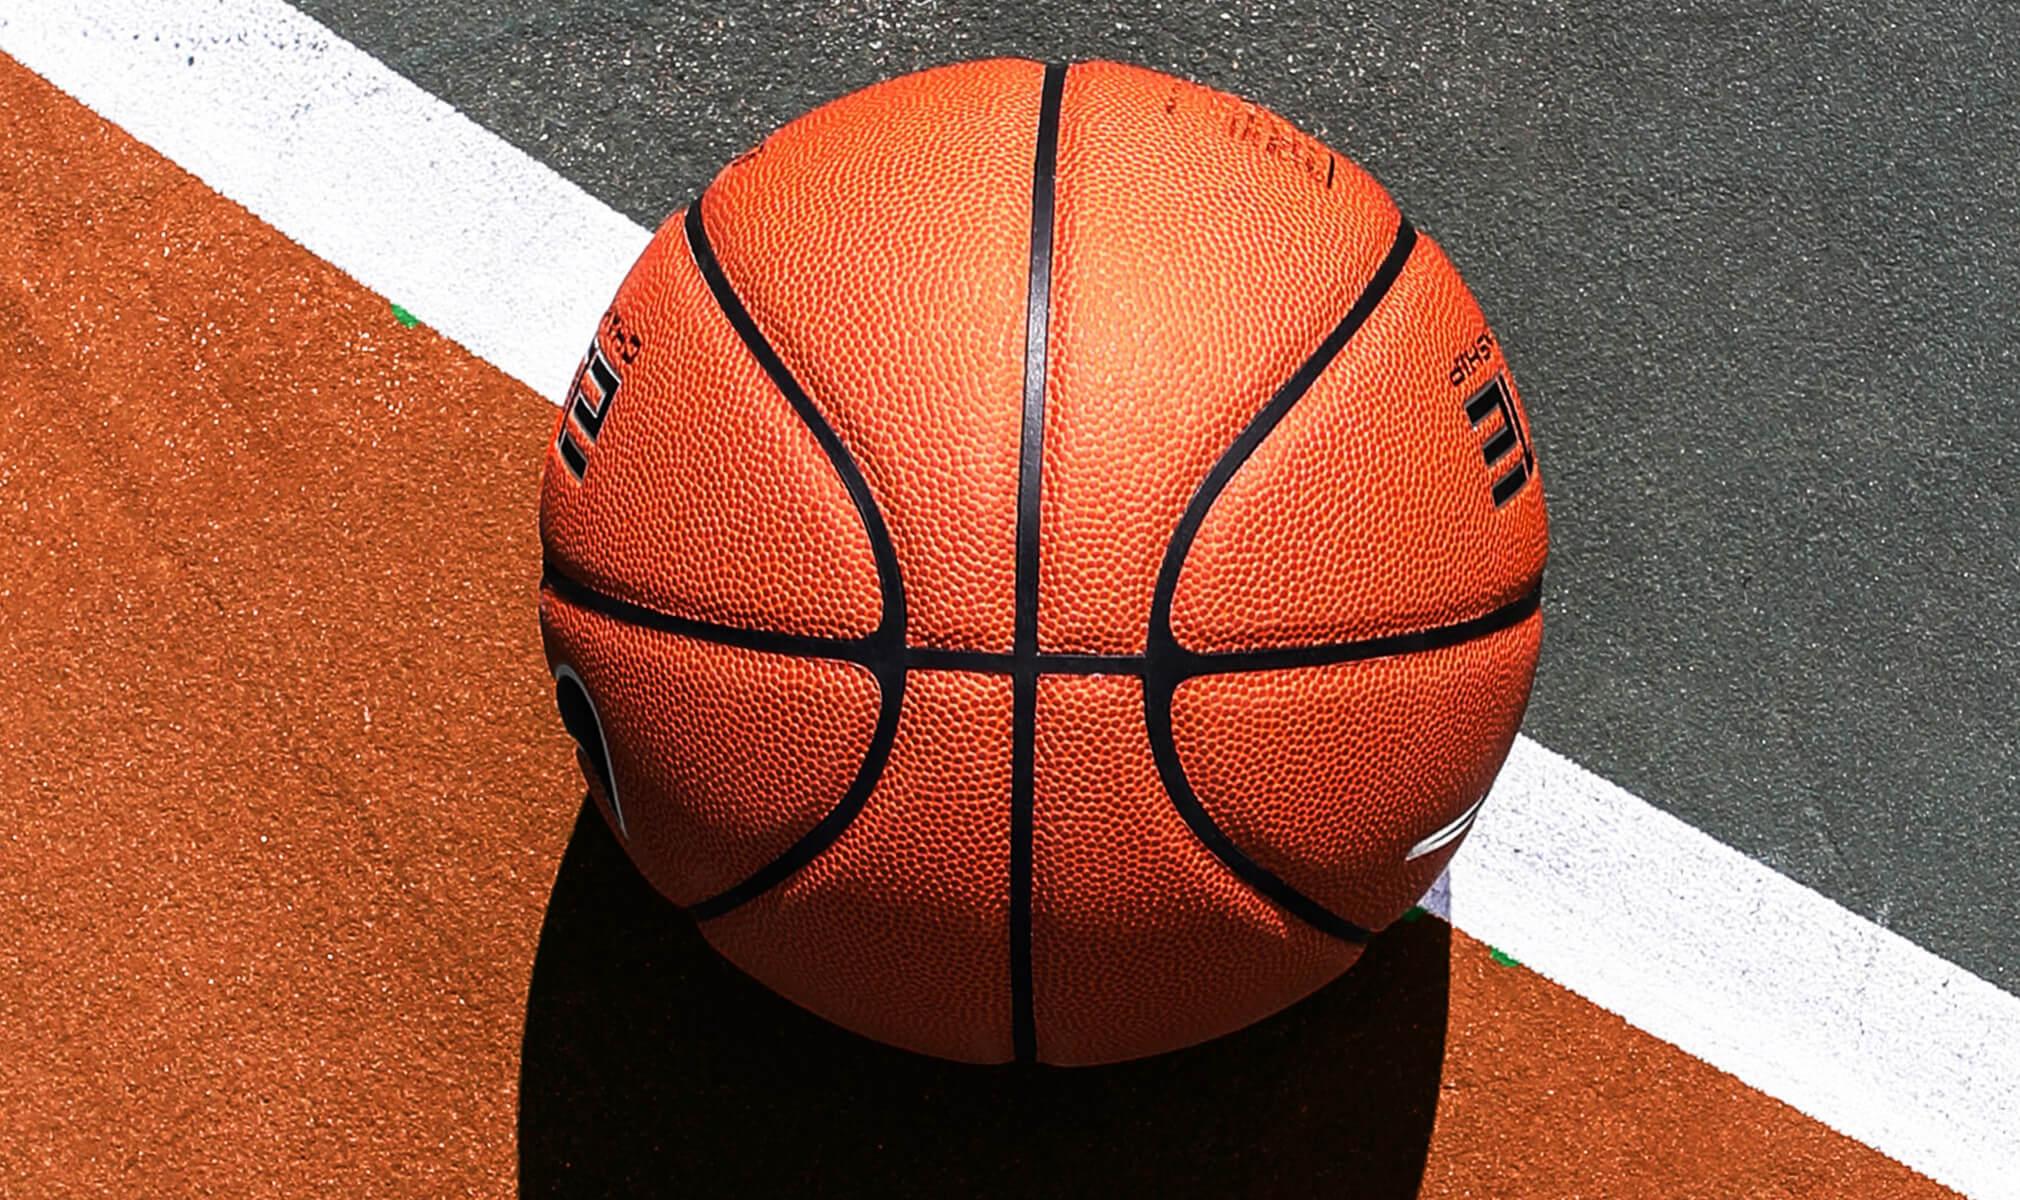 5 Nba Basketball Players Who Use Cbd